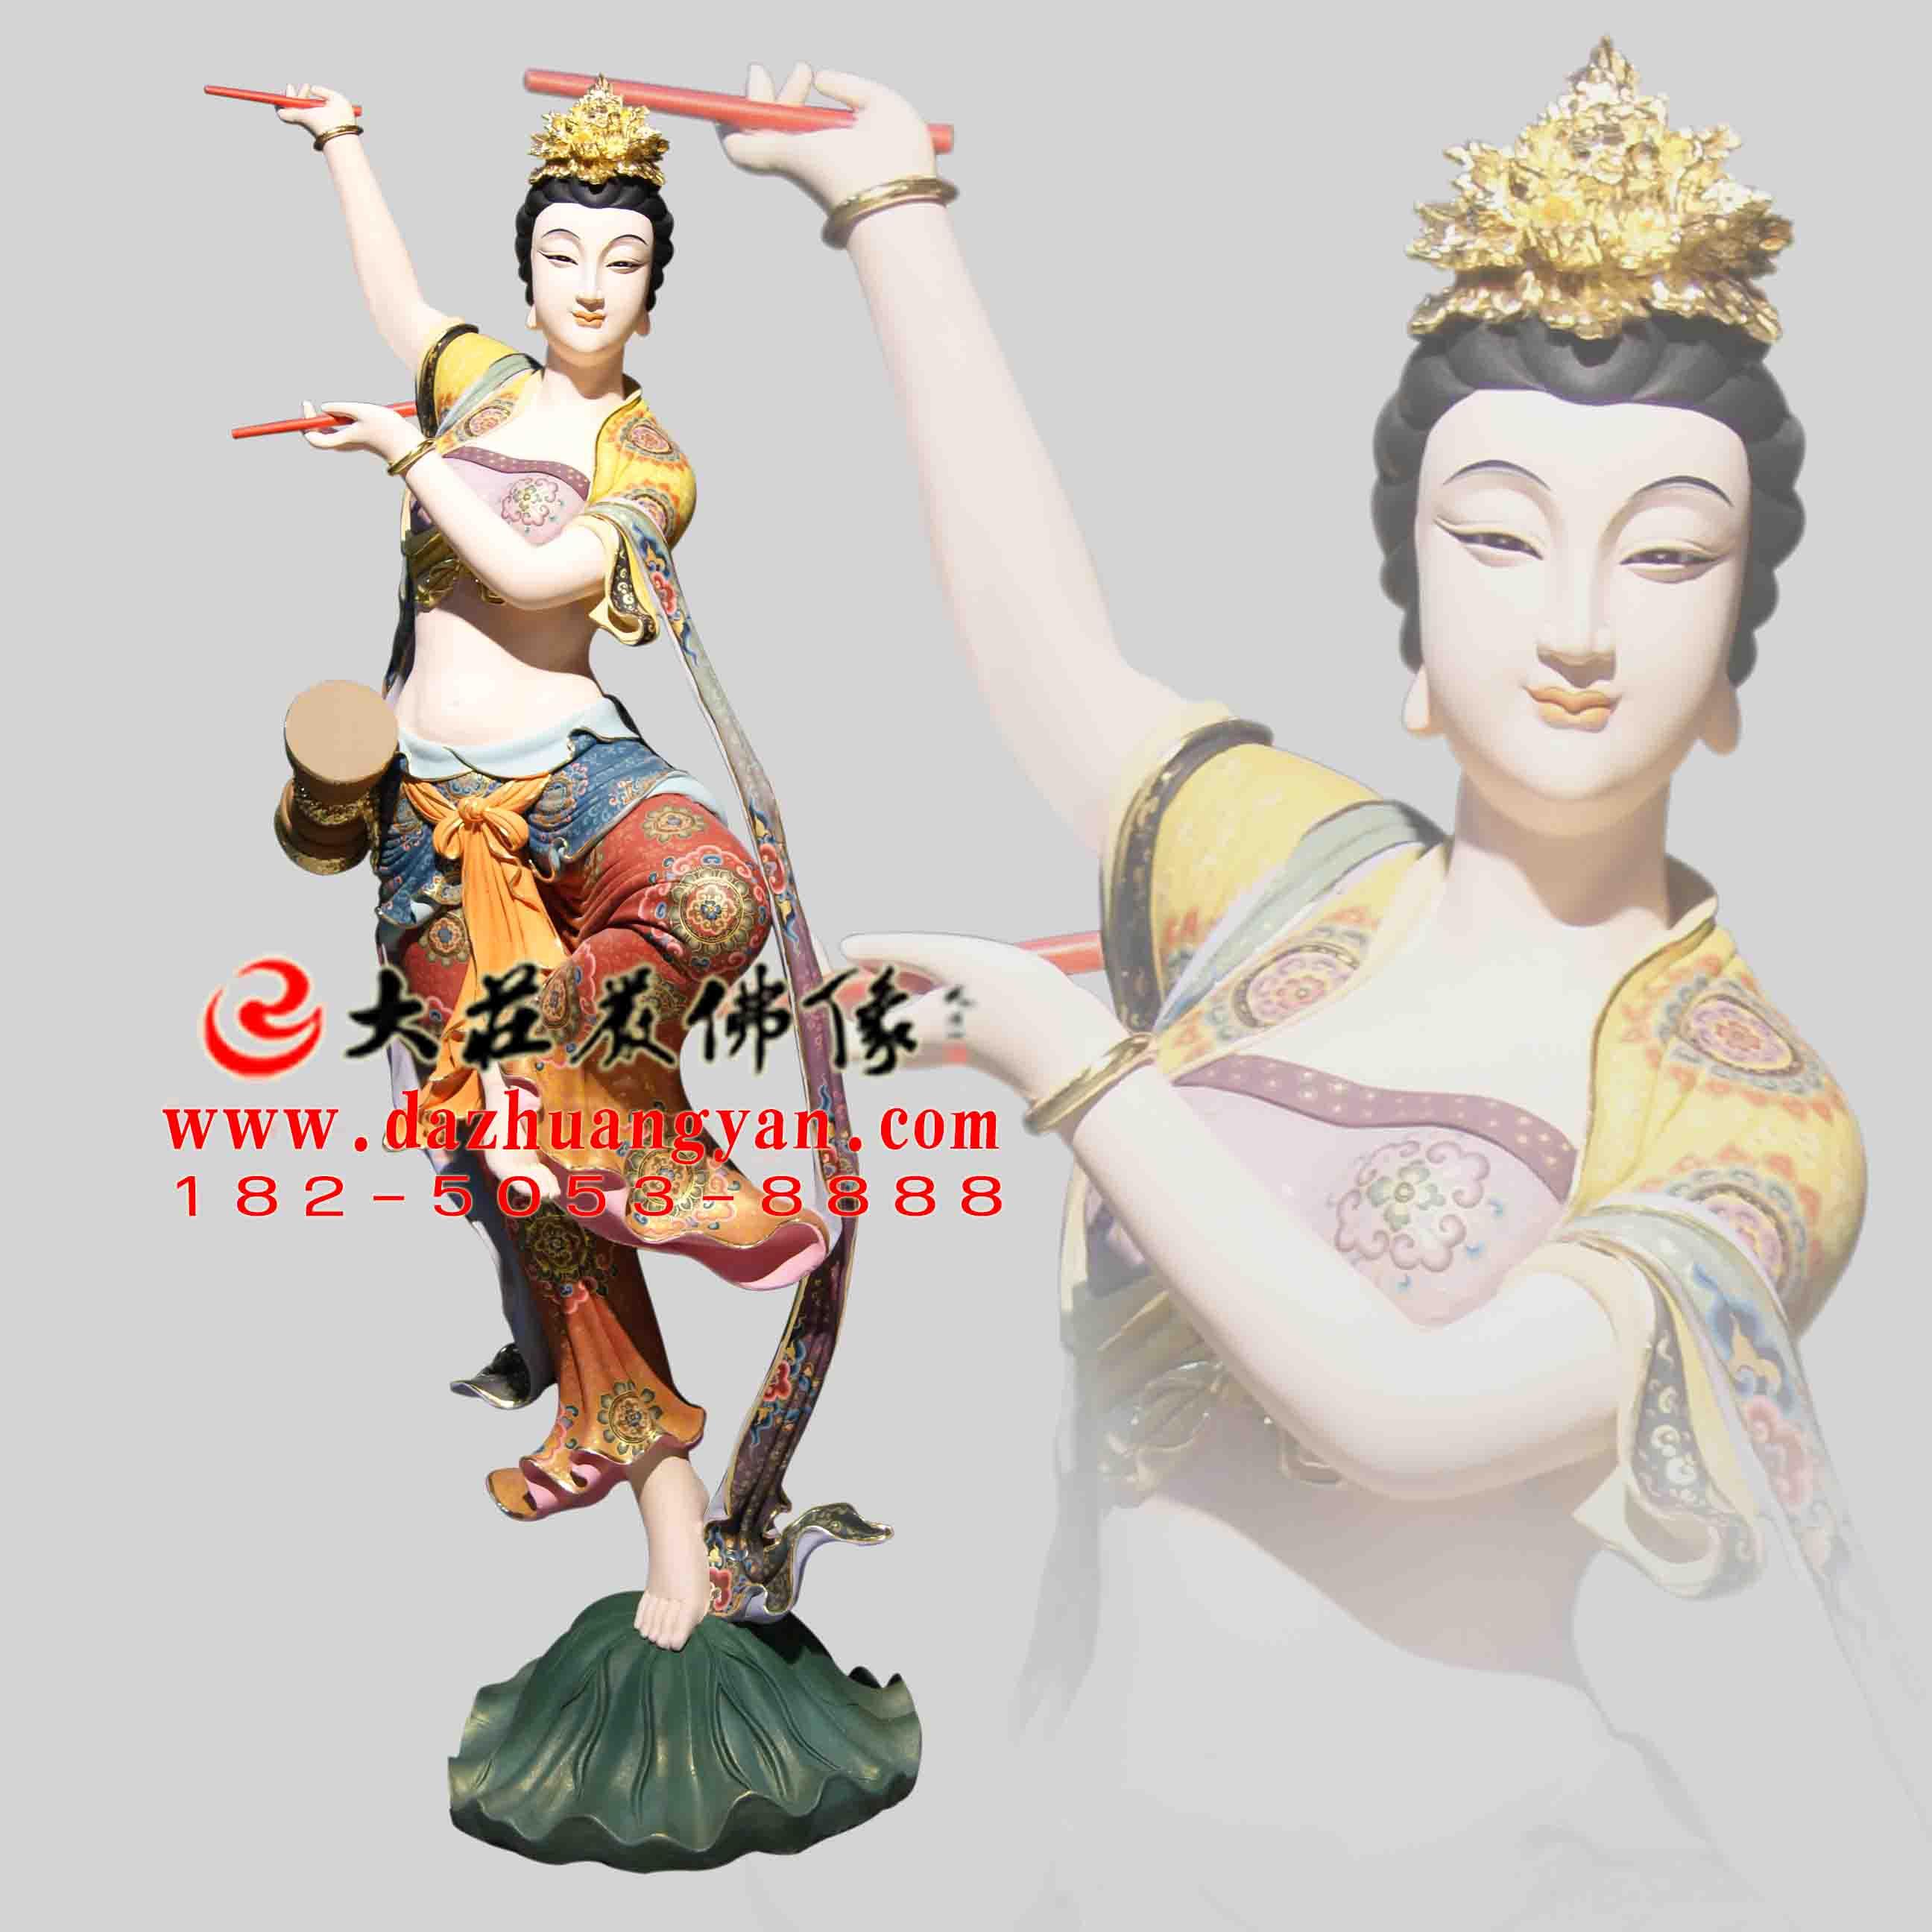 铜雕鼓手伎乐天彩绘神像